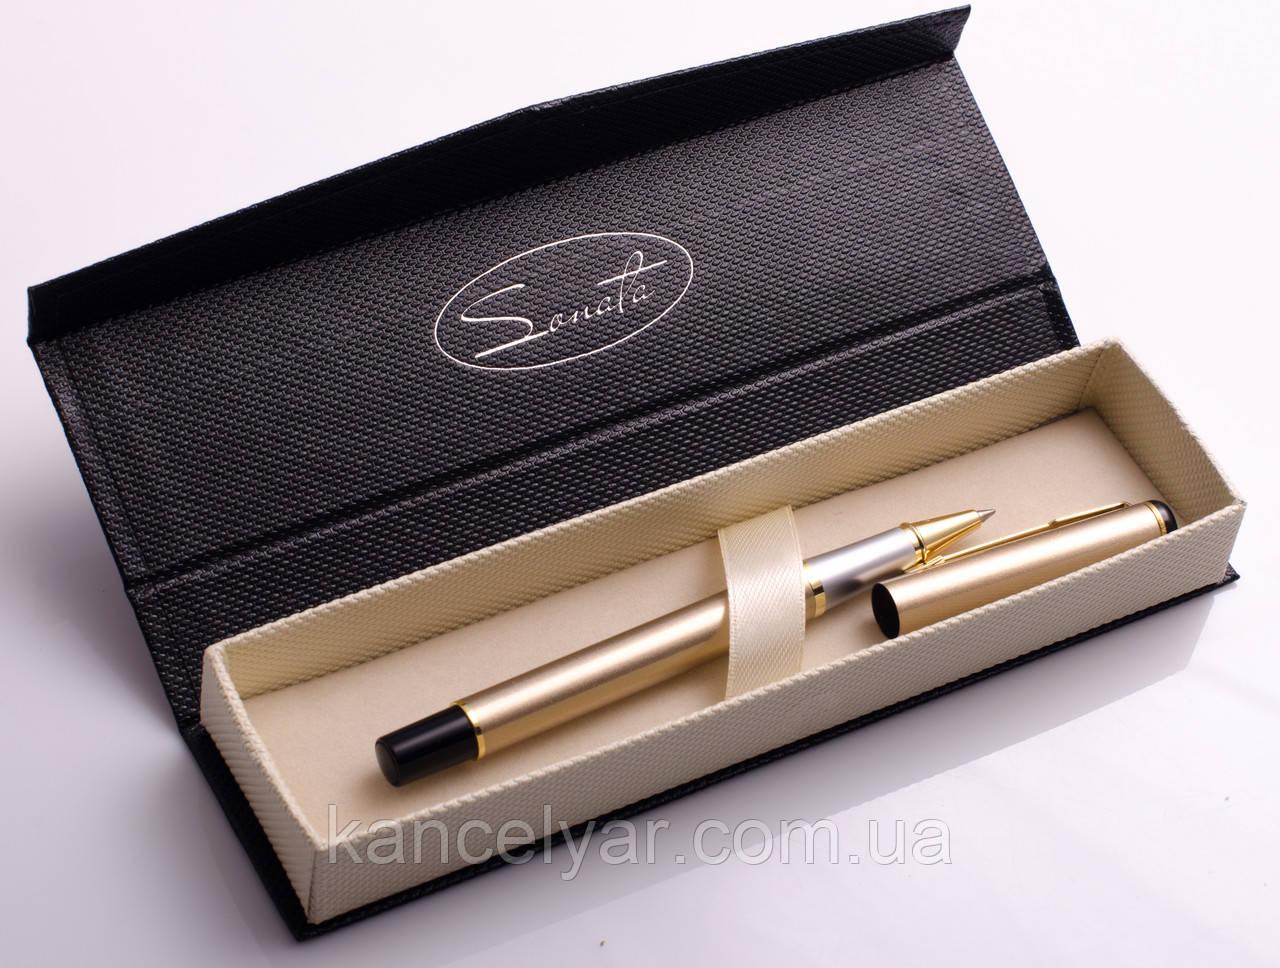 """Набор подарочный """"Sonata"""": ручка шариковая в футляре"""